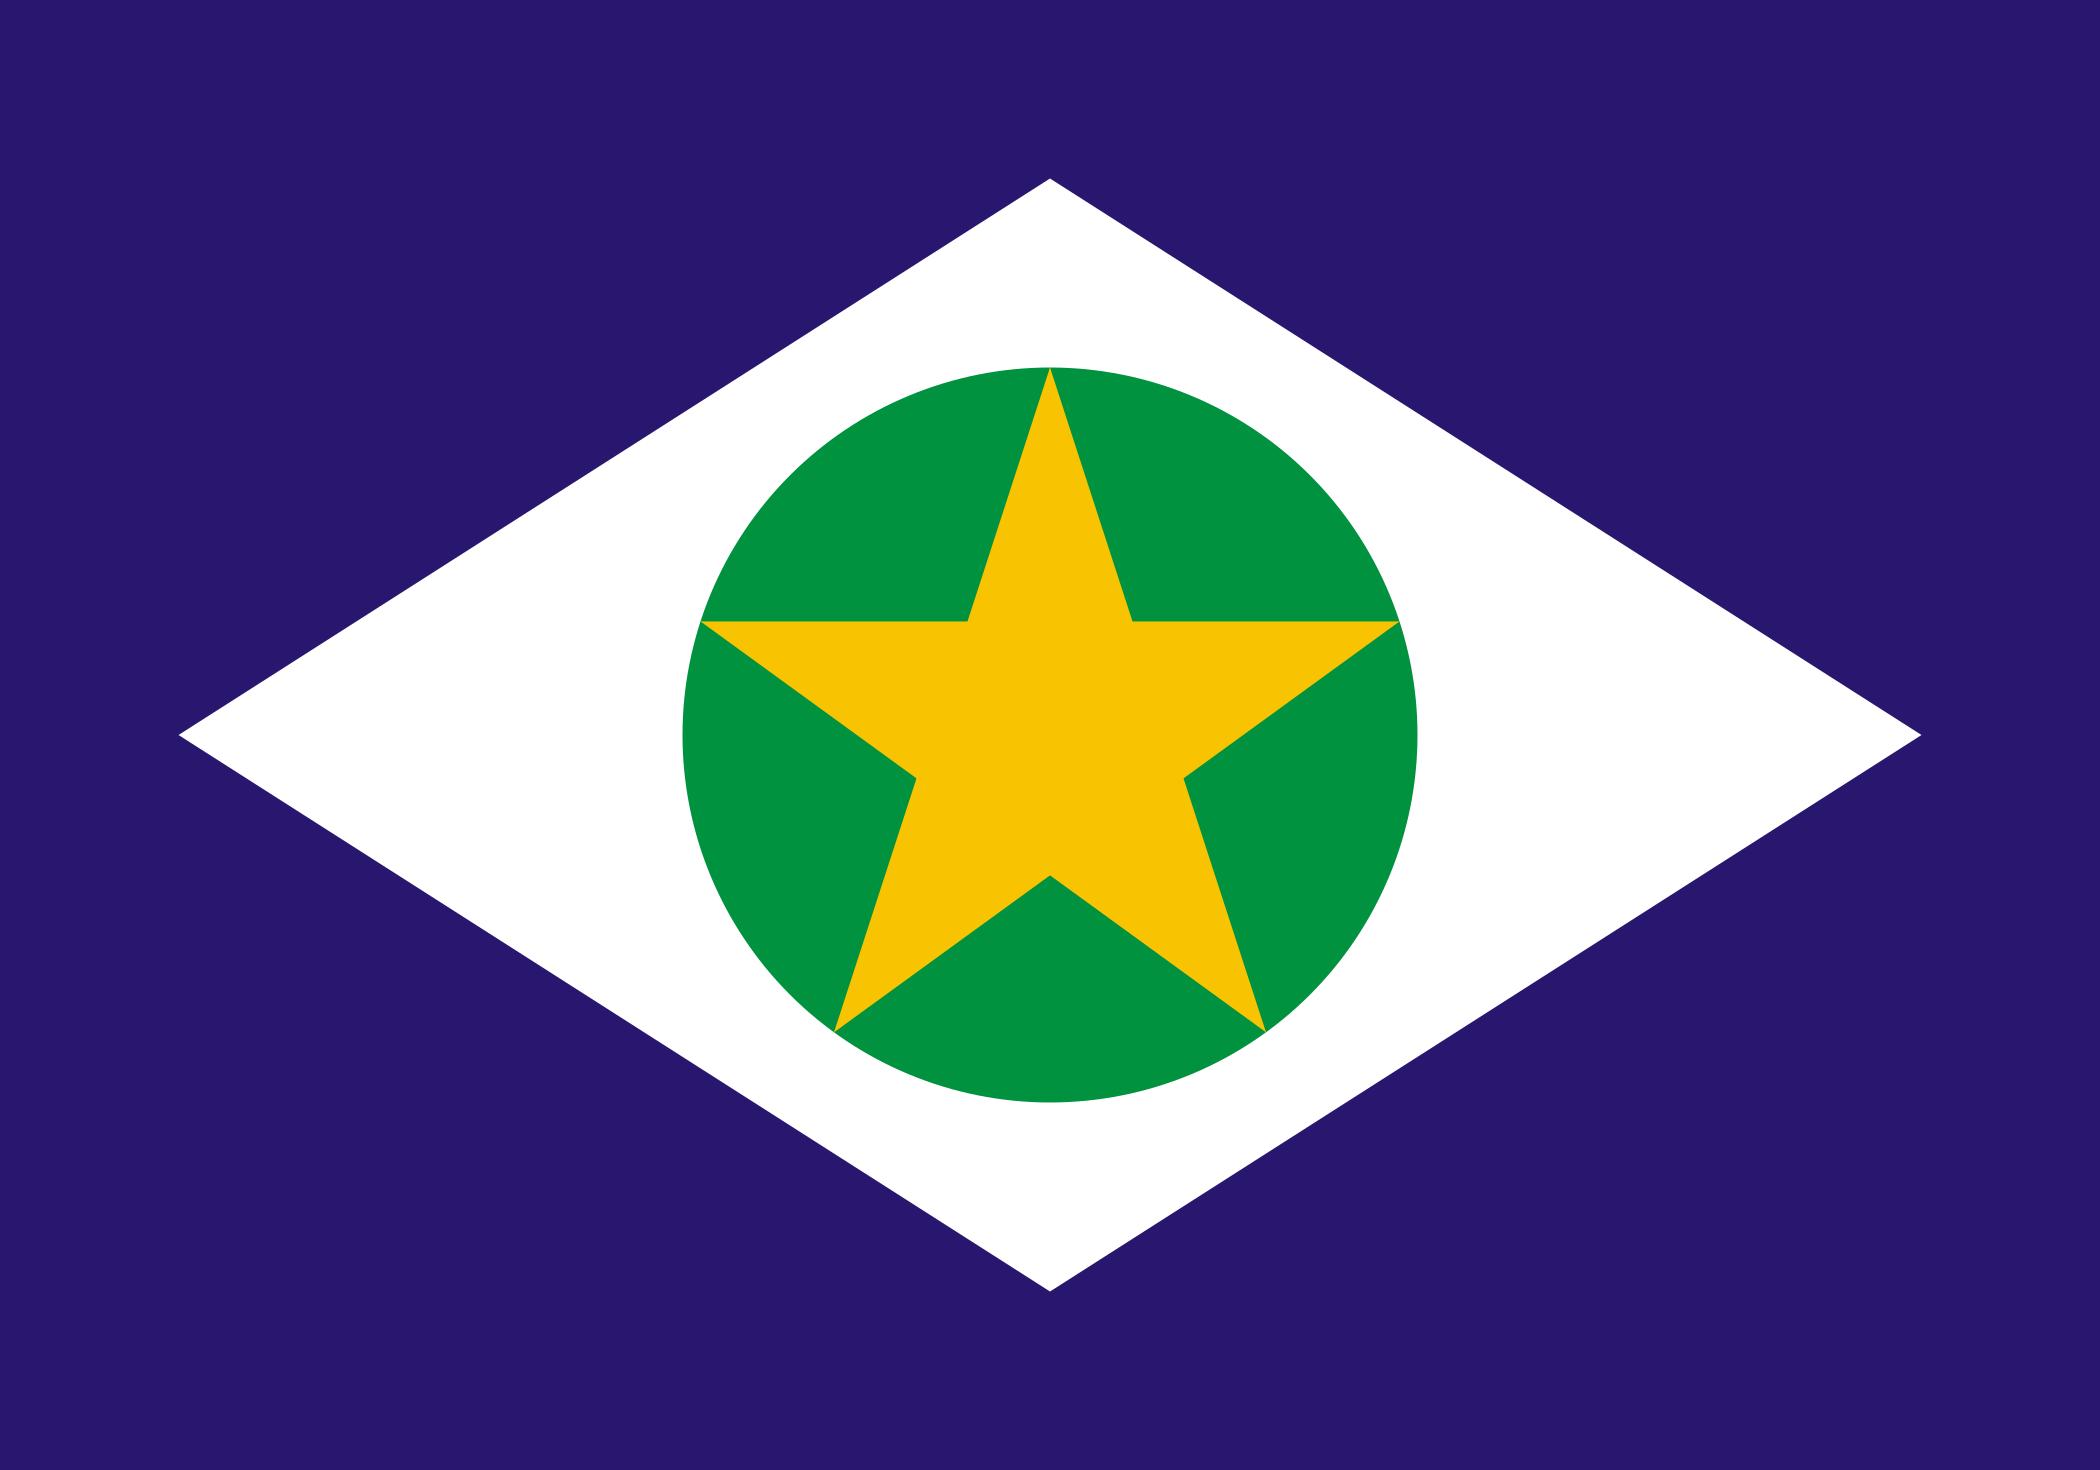 bandeira-do-estado-do-mato-grosso-1